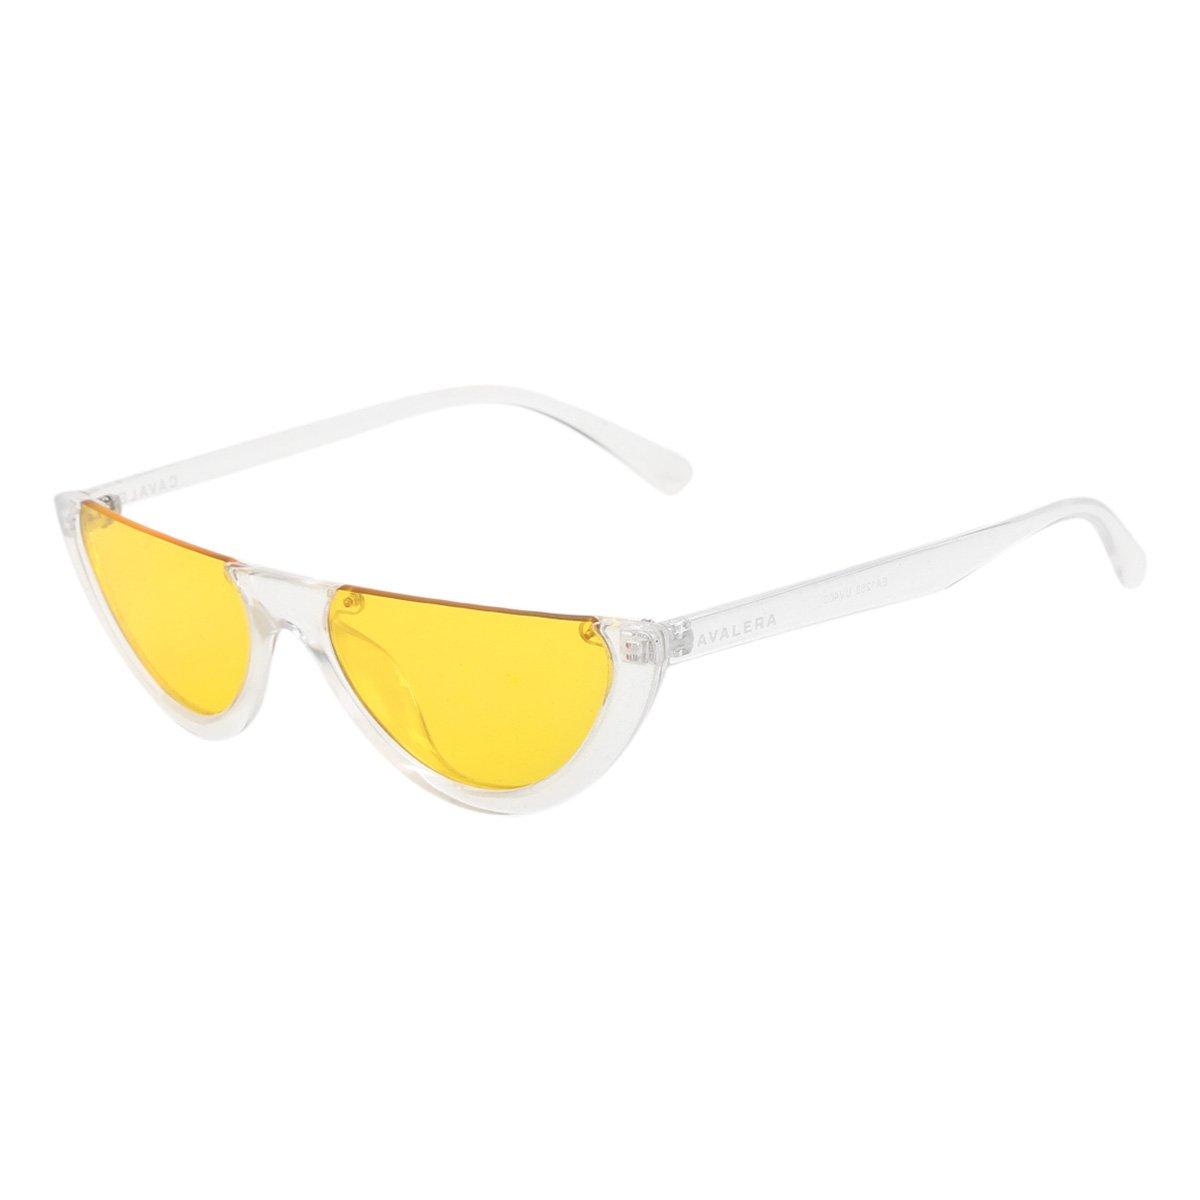 Óculos De Sol Cavalera Gatinho MG0002 Masculino - Amarelo